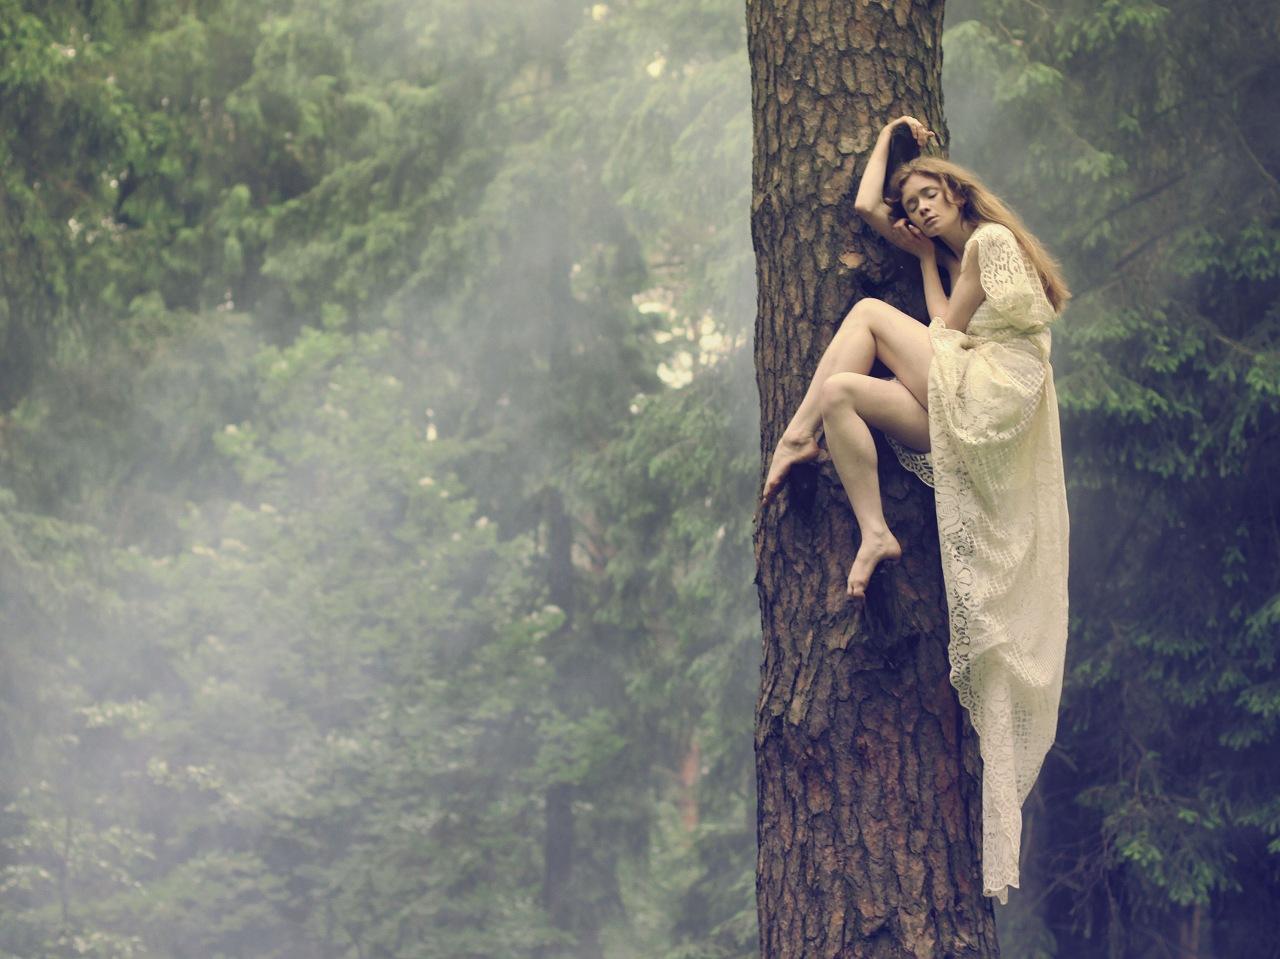 Трахнул юную девочку в лесу 24 фотография